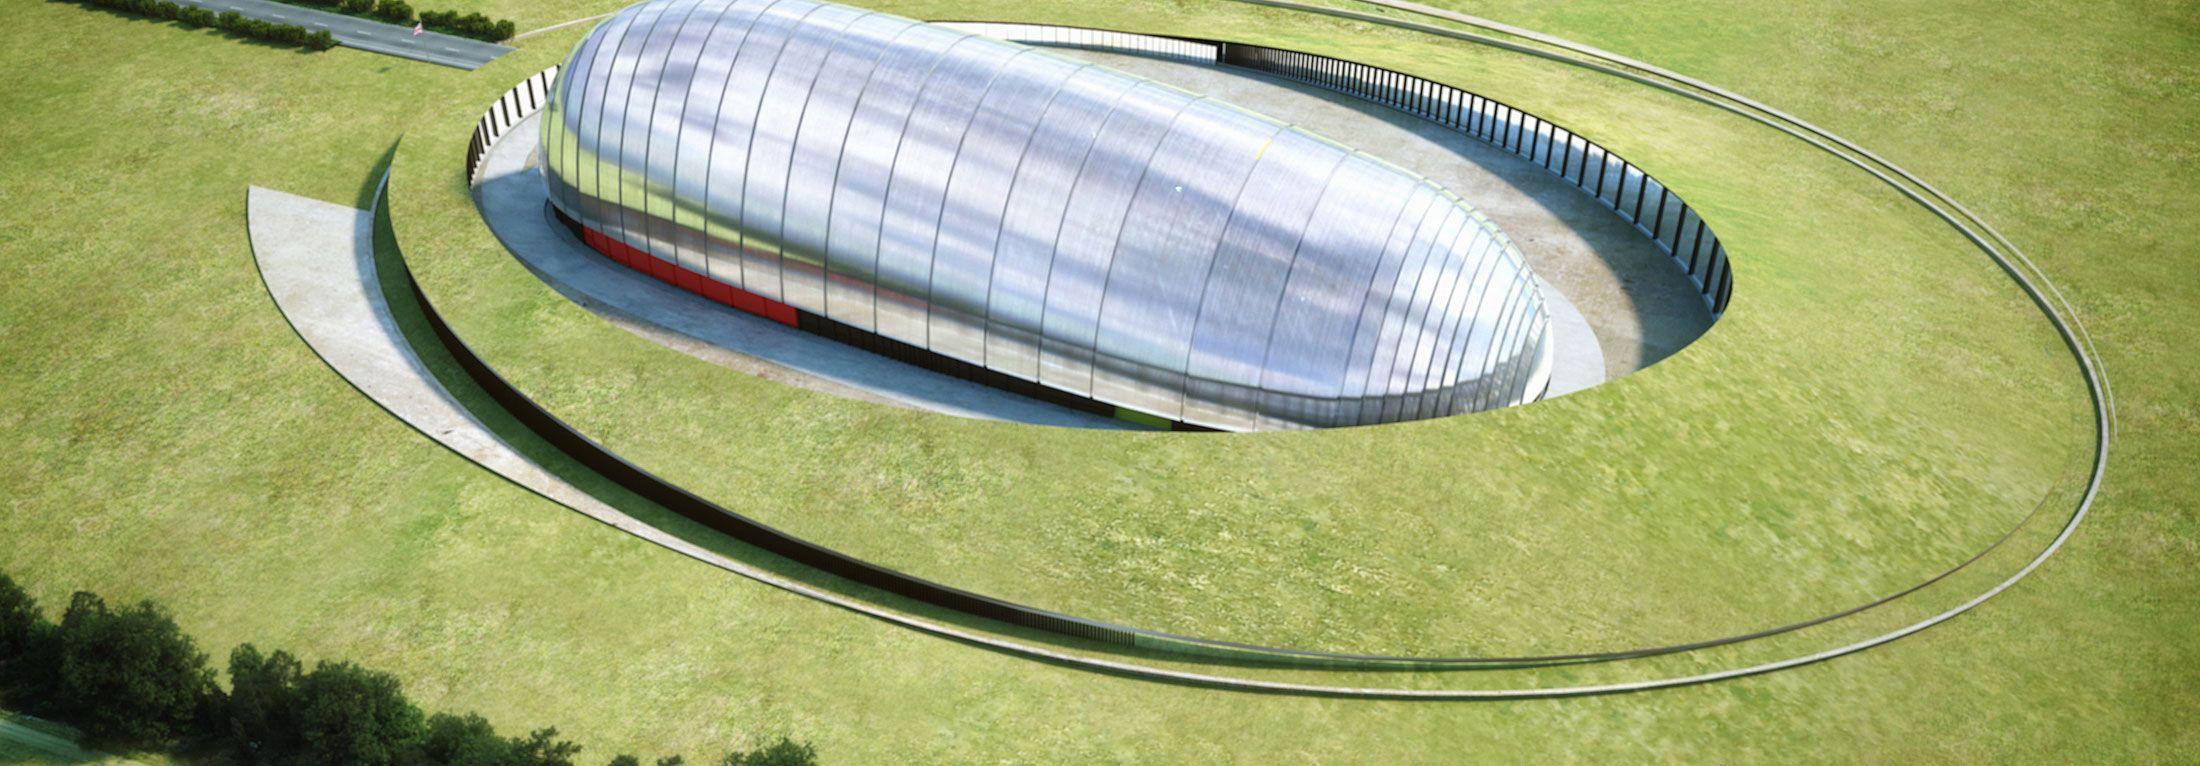 Rolls-Royce costruirà 15 mini reattore nucleari in Gran Bretagna